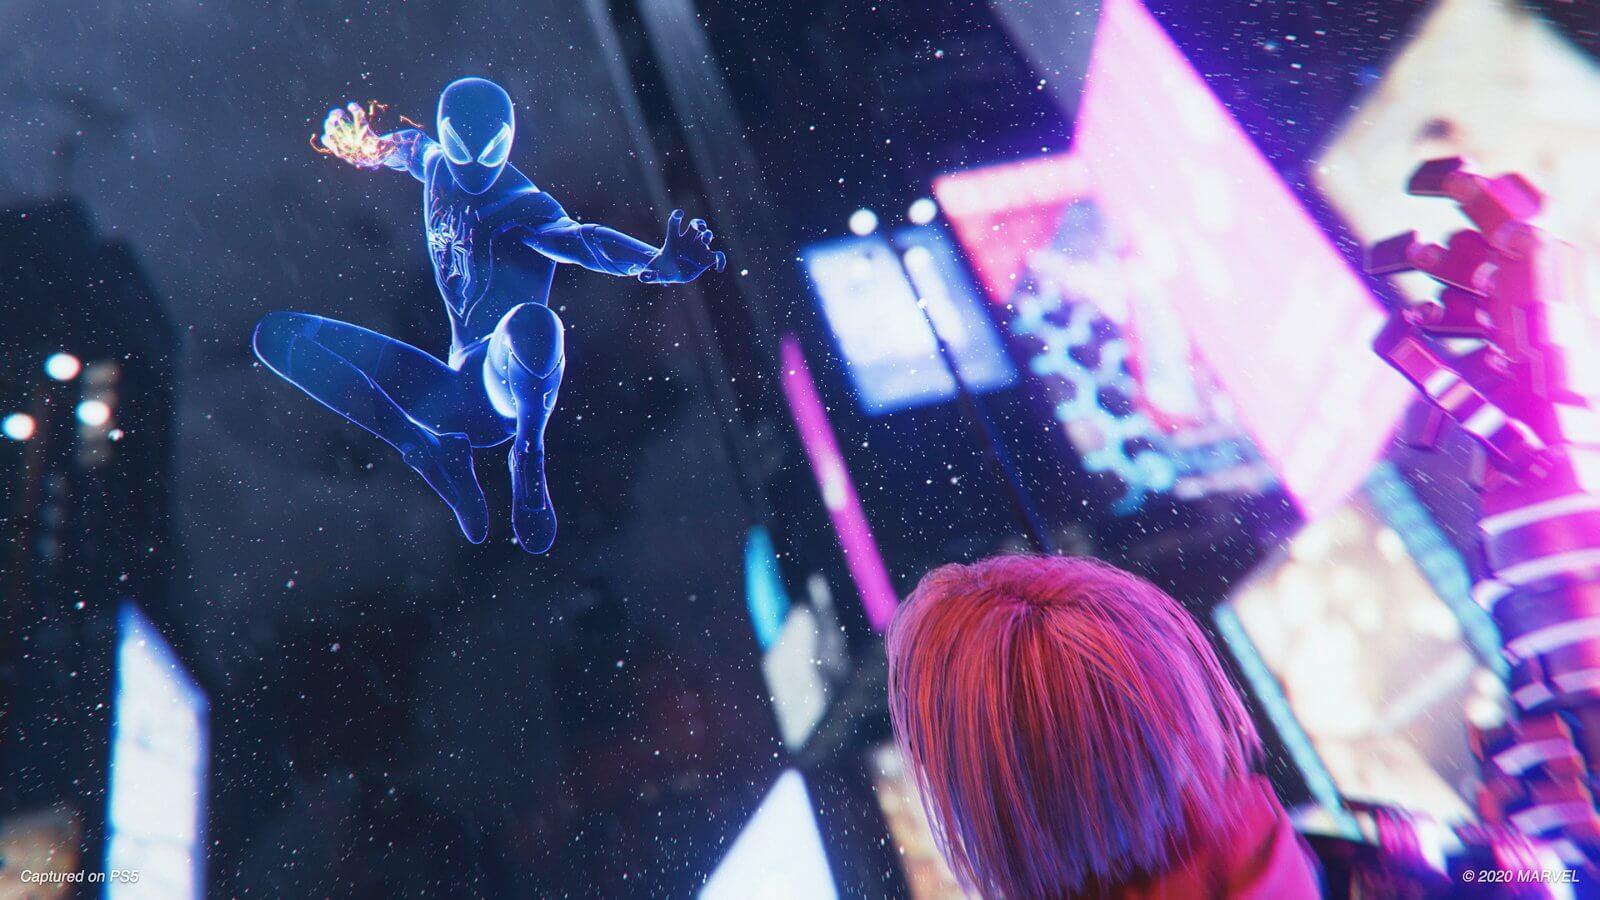 Spiderman Miles Morales ไมลส์ ไอ้แมงมุมสุดฮา1